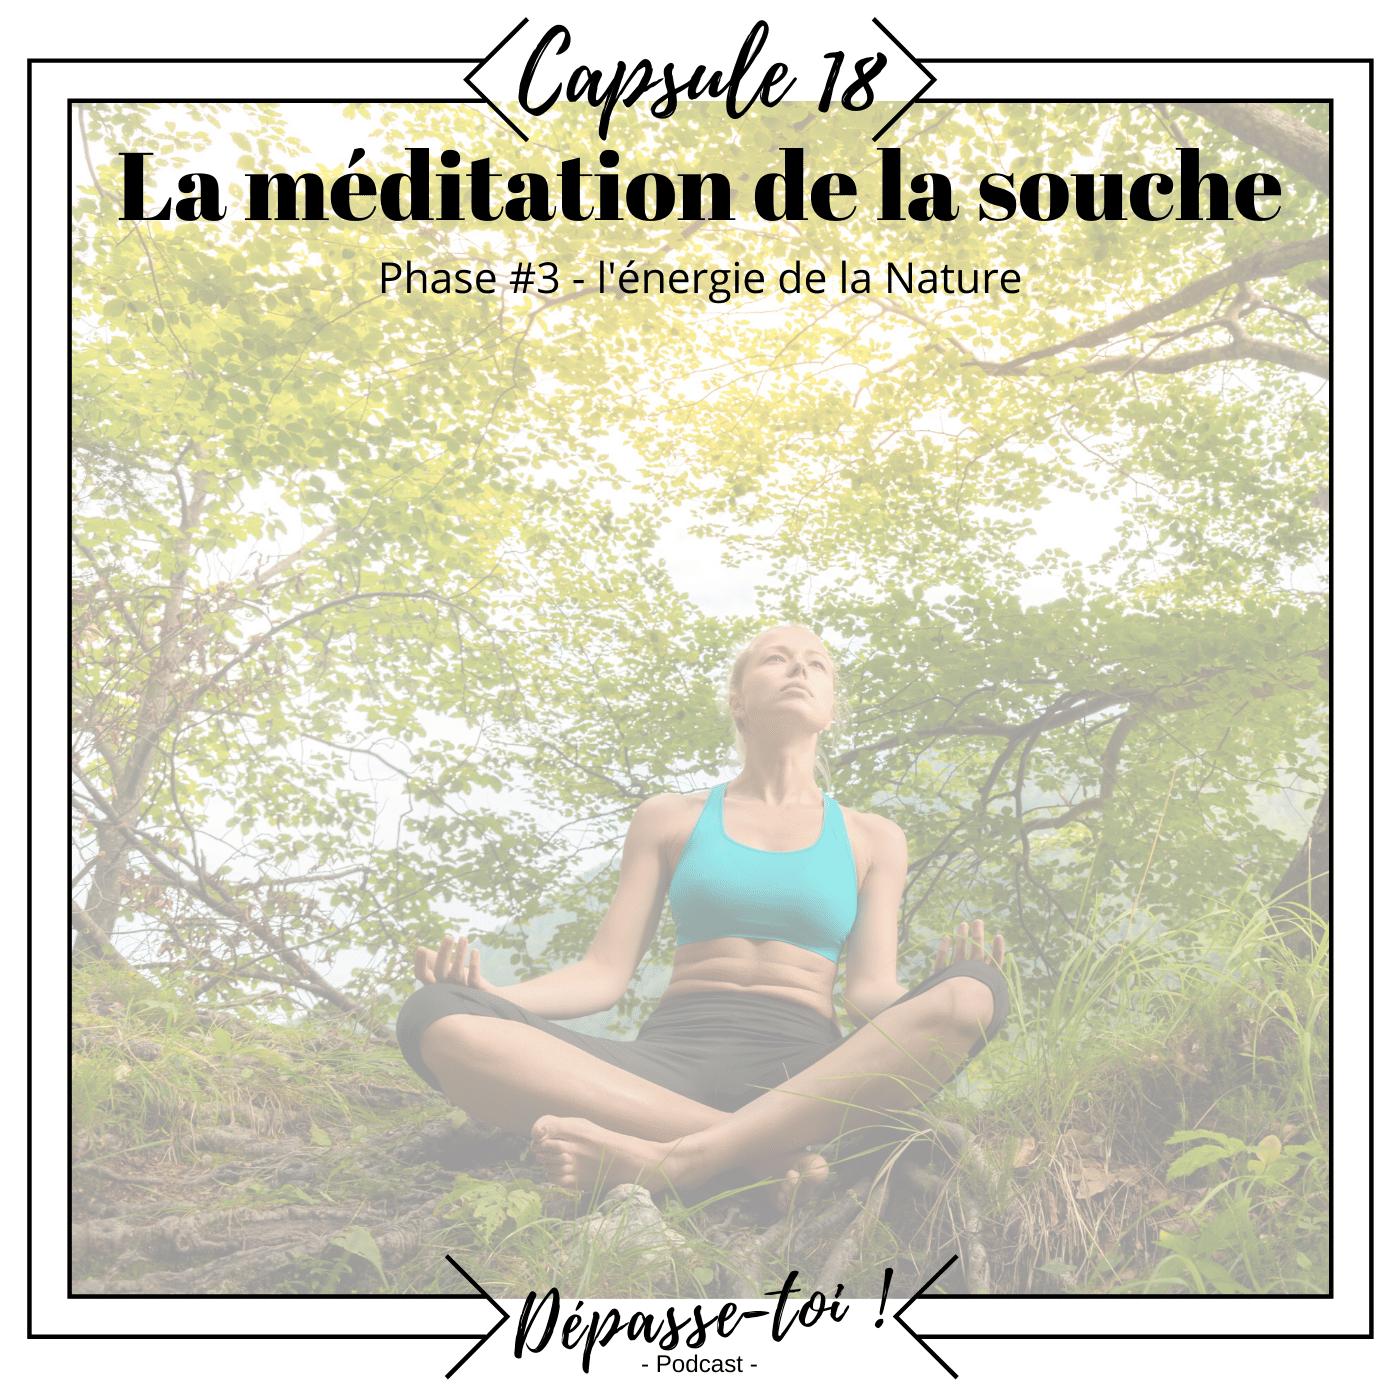 Capsule #18 -  Méditation de la souche (Guidée) - l'énergie de la Nature 3/3